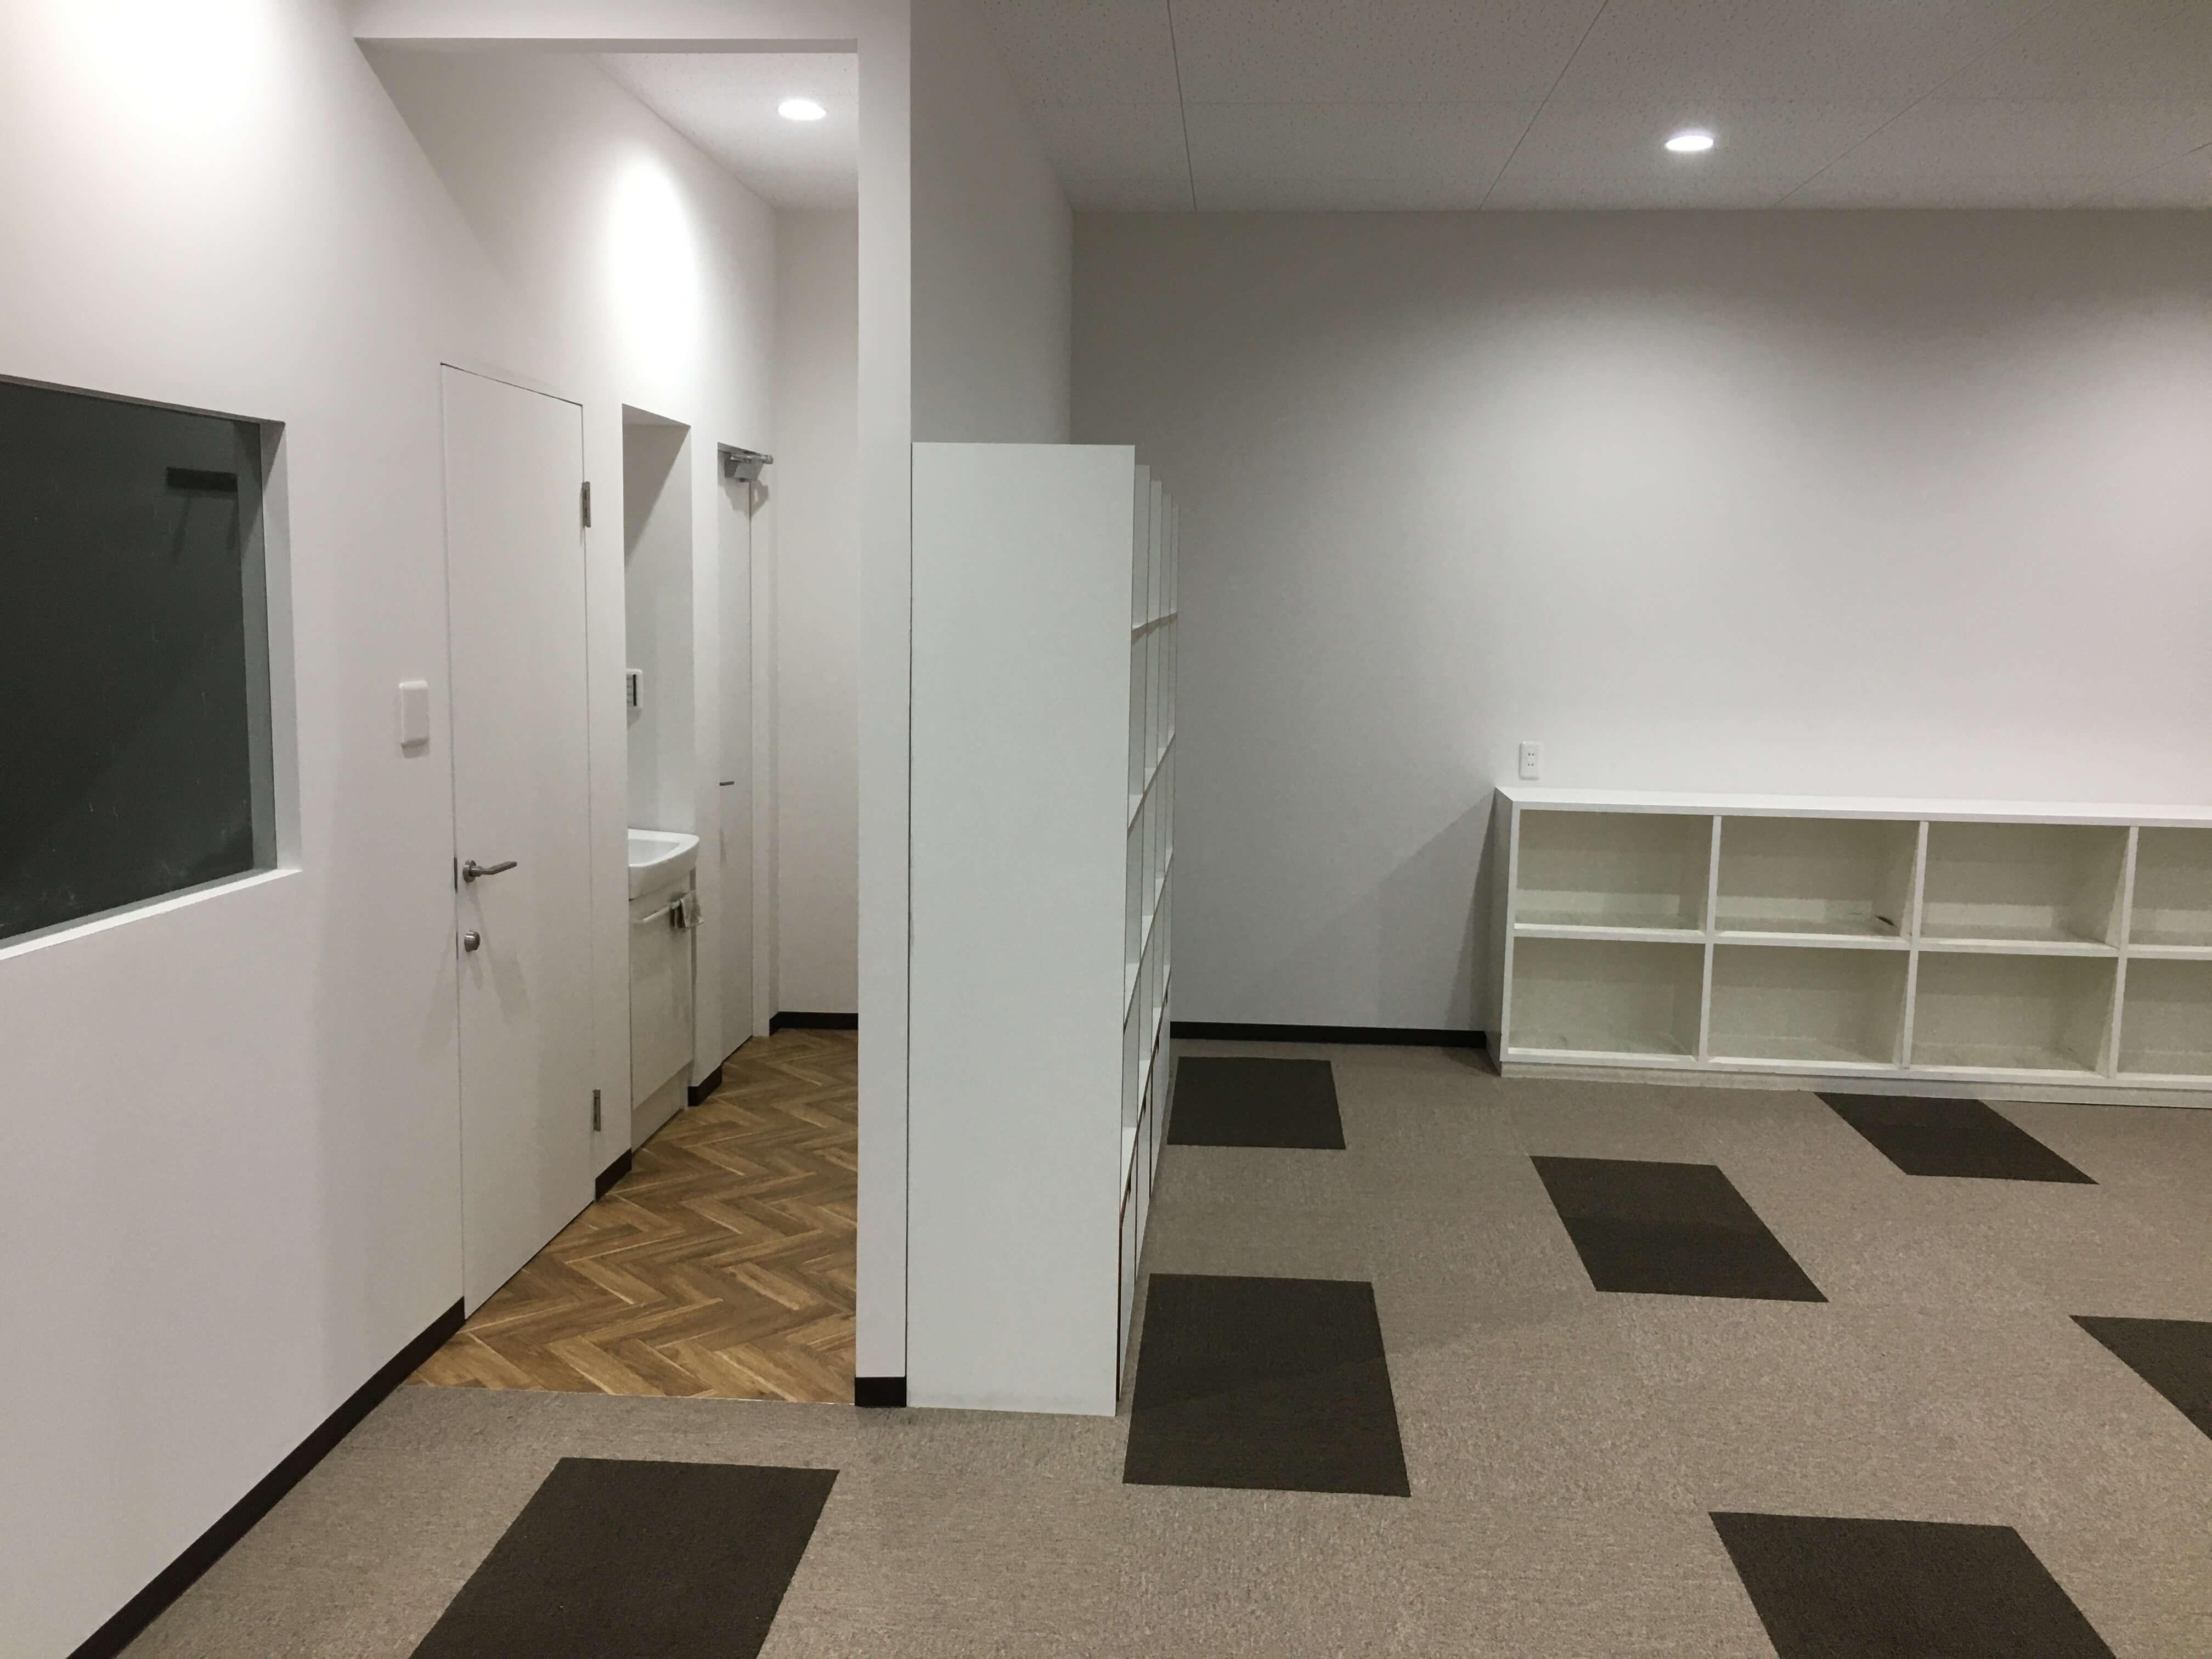 トイレにつながる廊下の床はクッションフロア